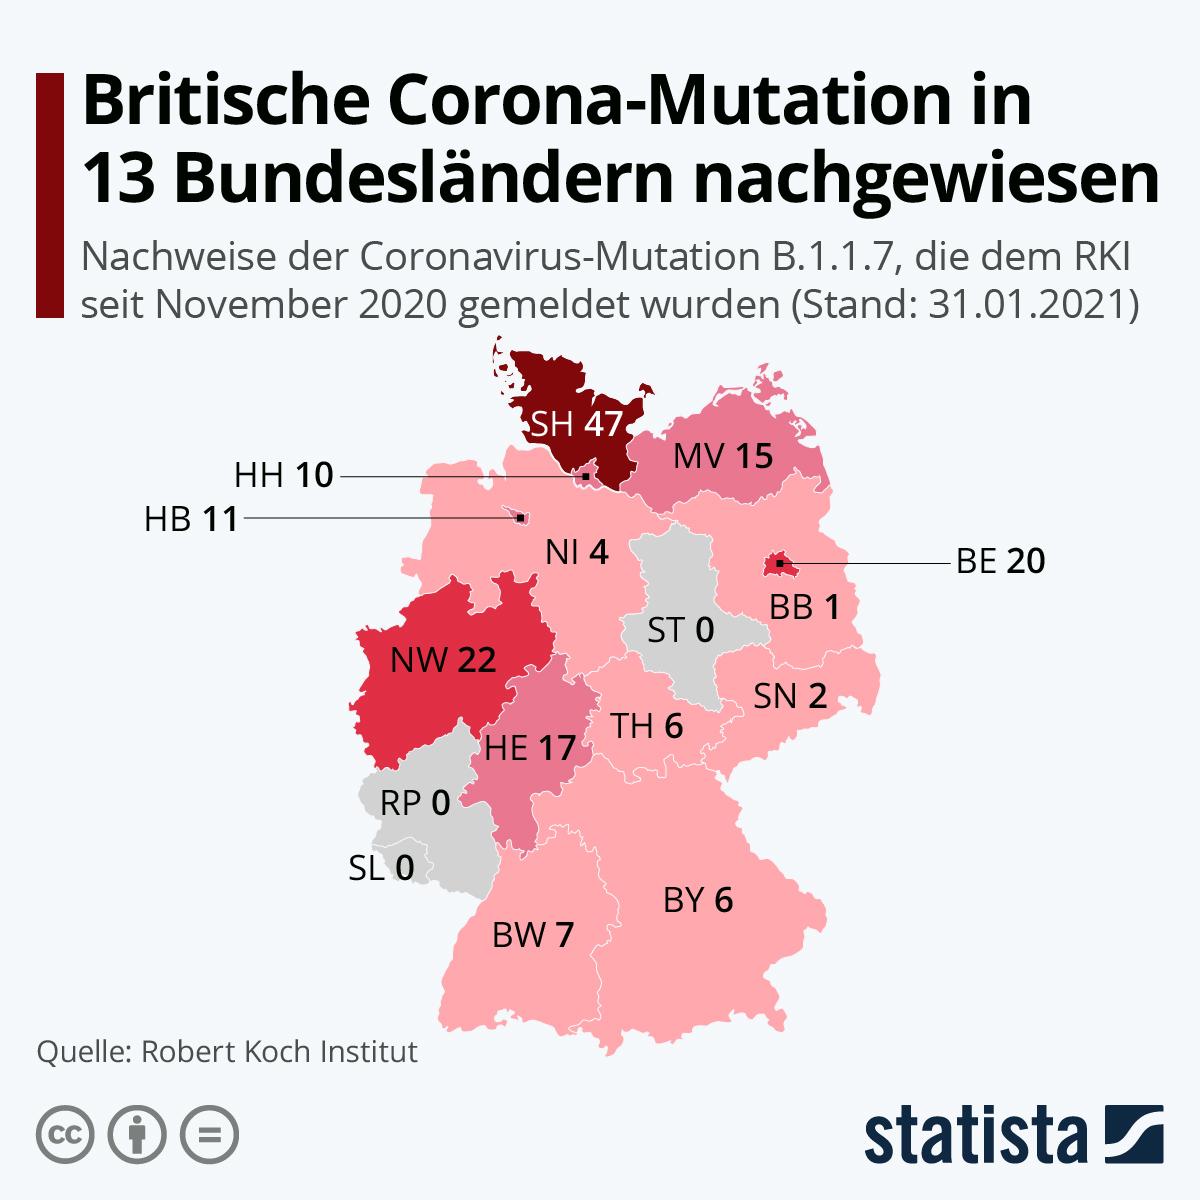 Britische Corona-Mutation in 13 Bundesländern nachgewiesen | Statista